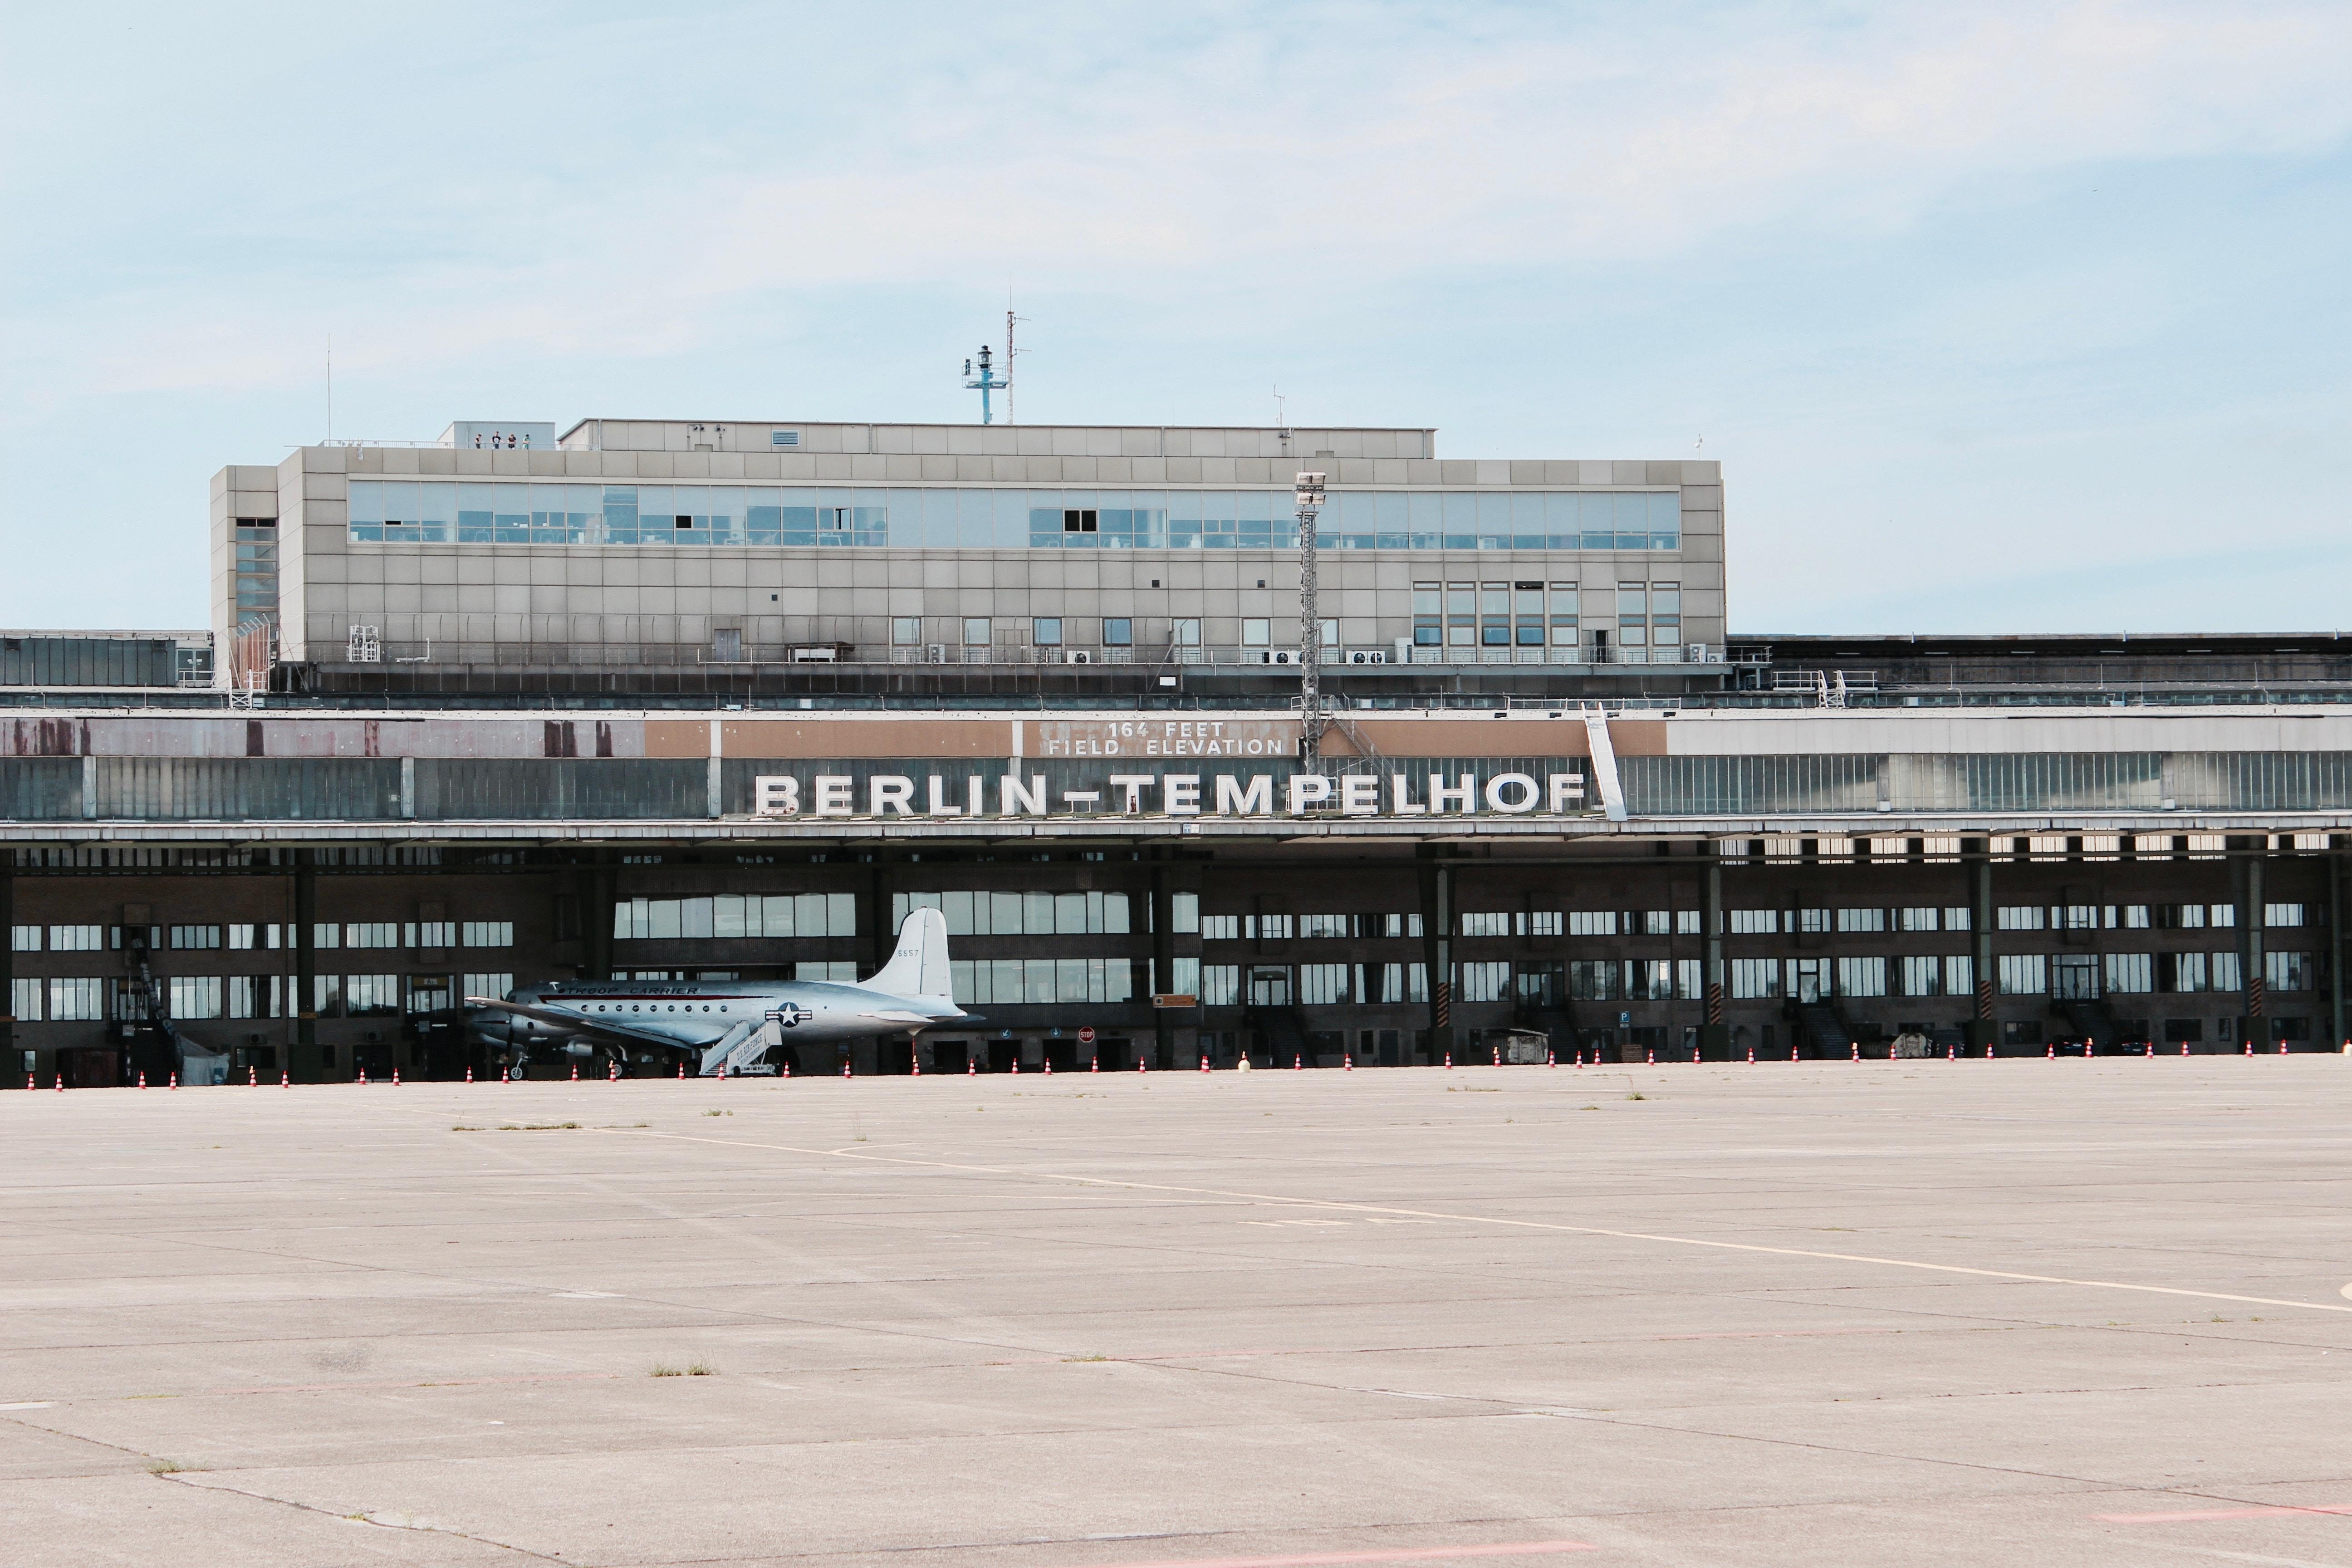 VeloBerlin in Berlin Tempelhof